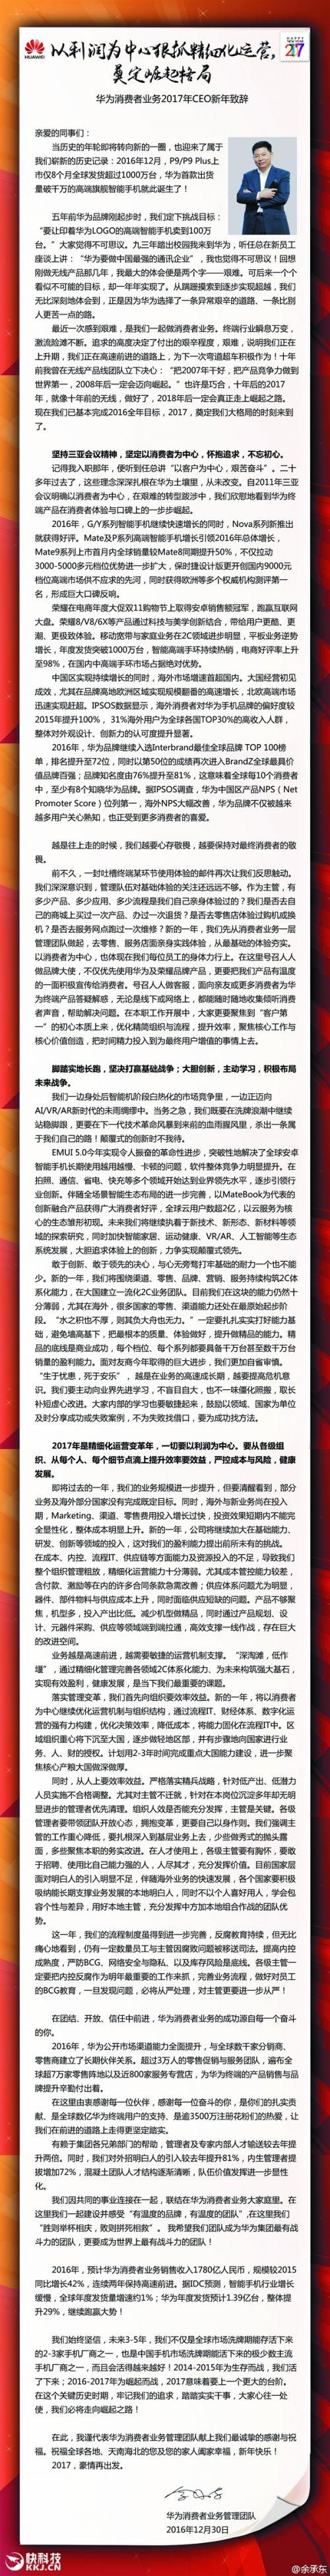 华为手机2016出货1.39亿:稳坐国产第一